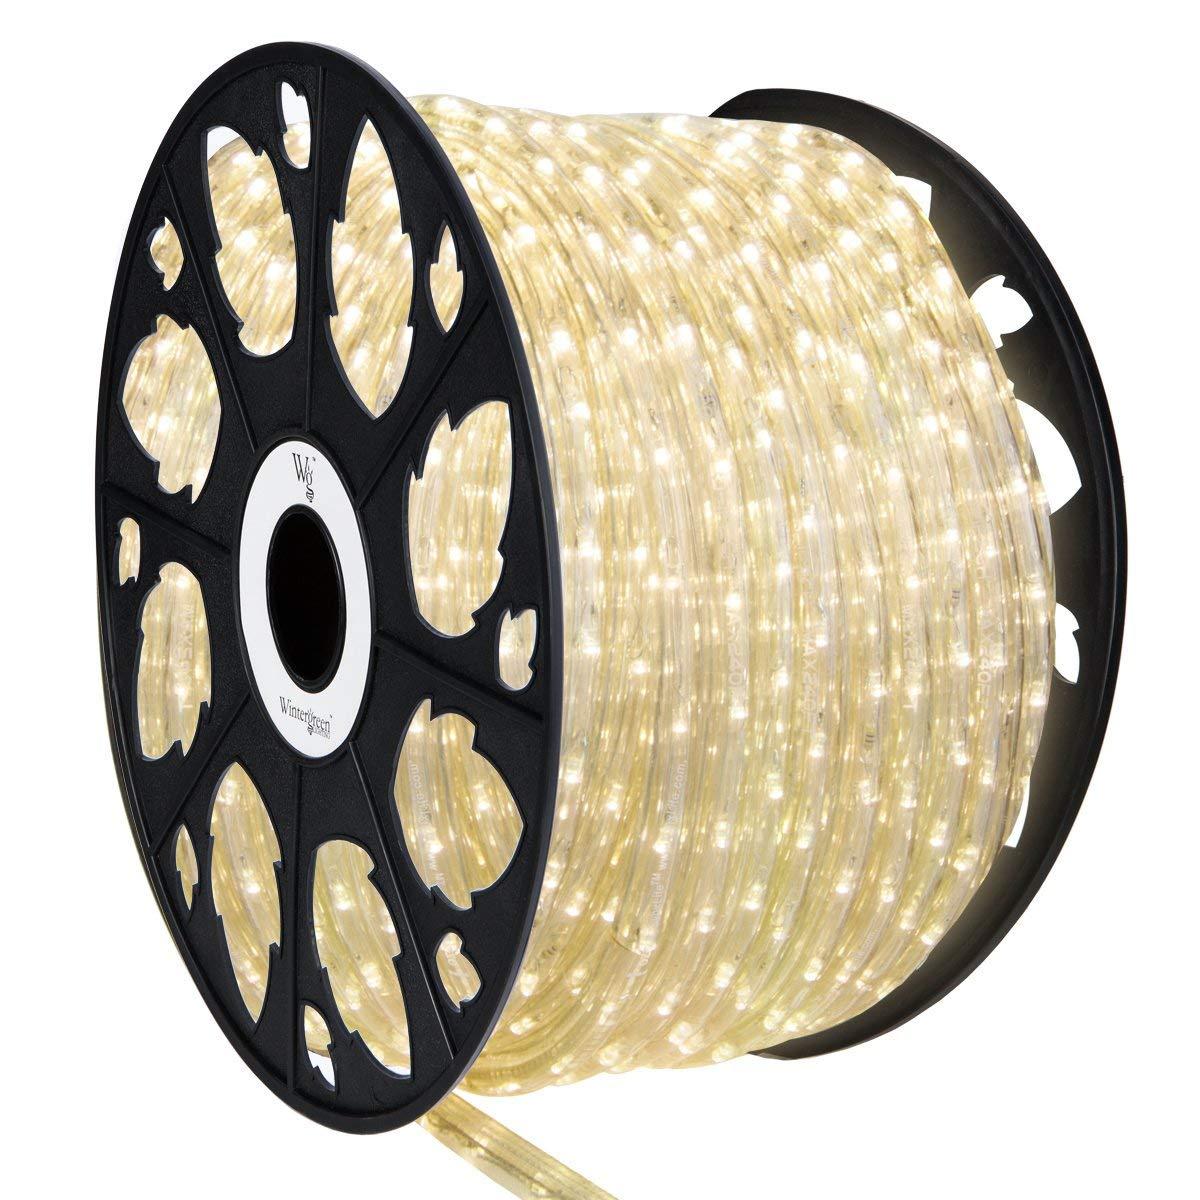 Wintergreen Lighting LED Rope Light Kit – Light Rope Outdoor, Christmas Light Rope Light Color – LED Rope Light, Includes Rope Light Clips and Power Cord, 120V, ½ Inch, 2-Wire (150 ft, Warm White)